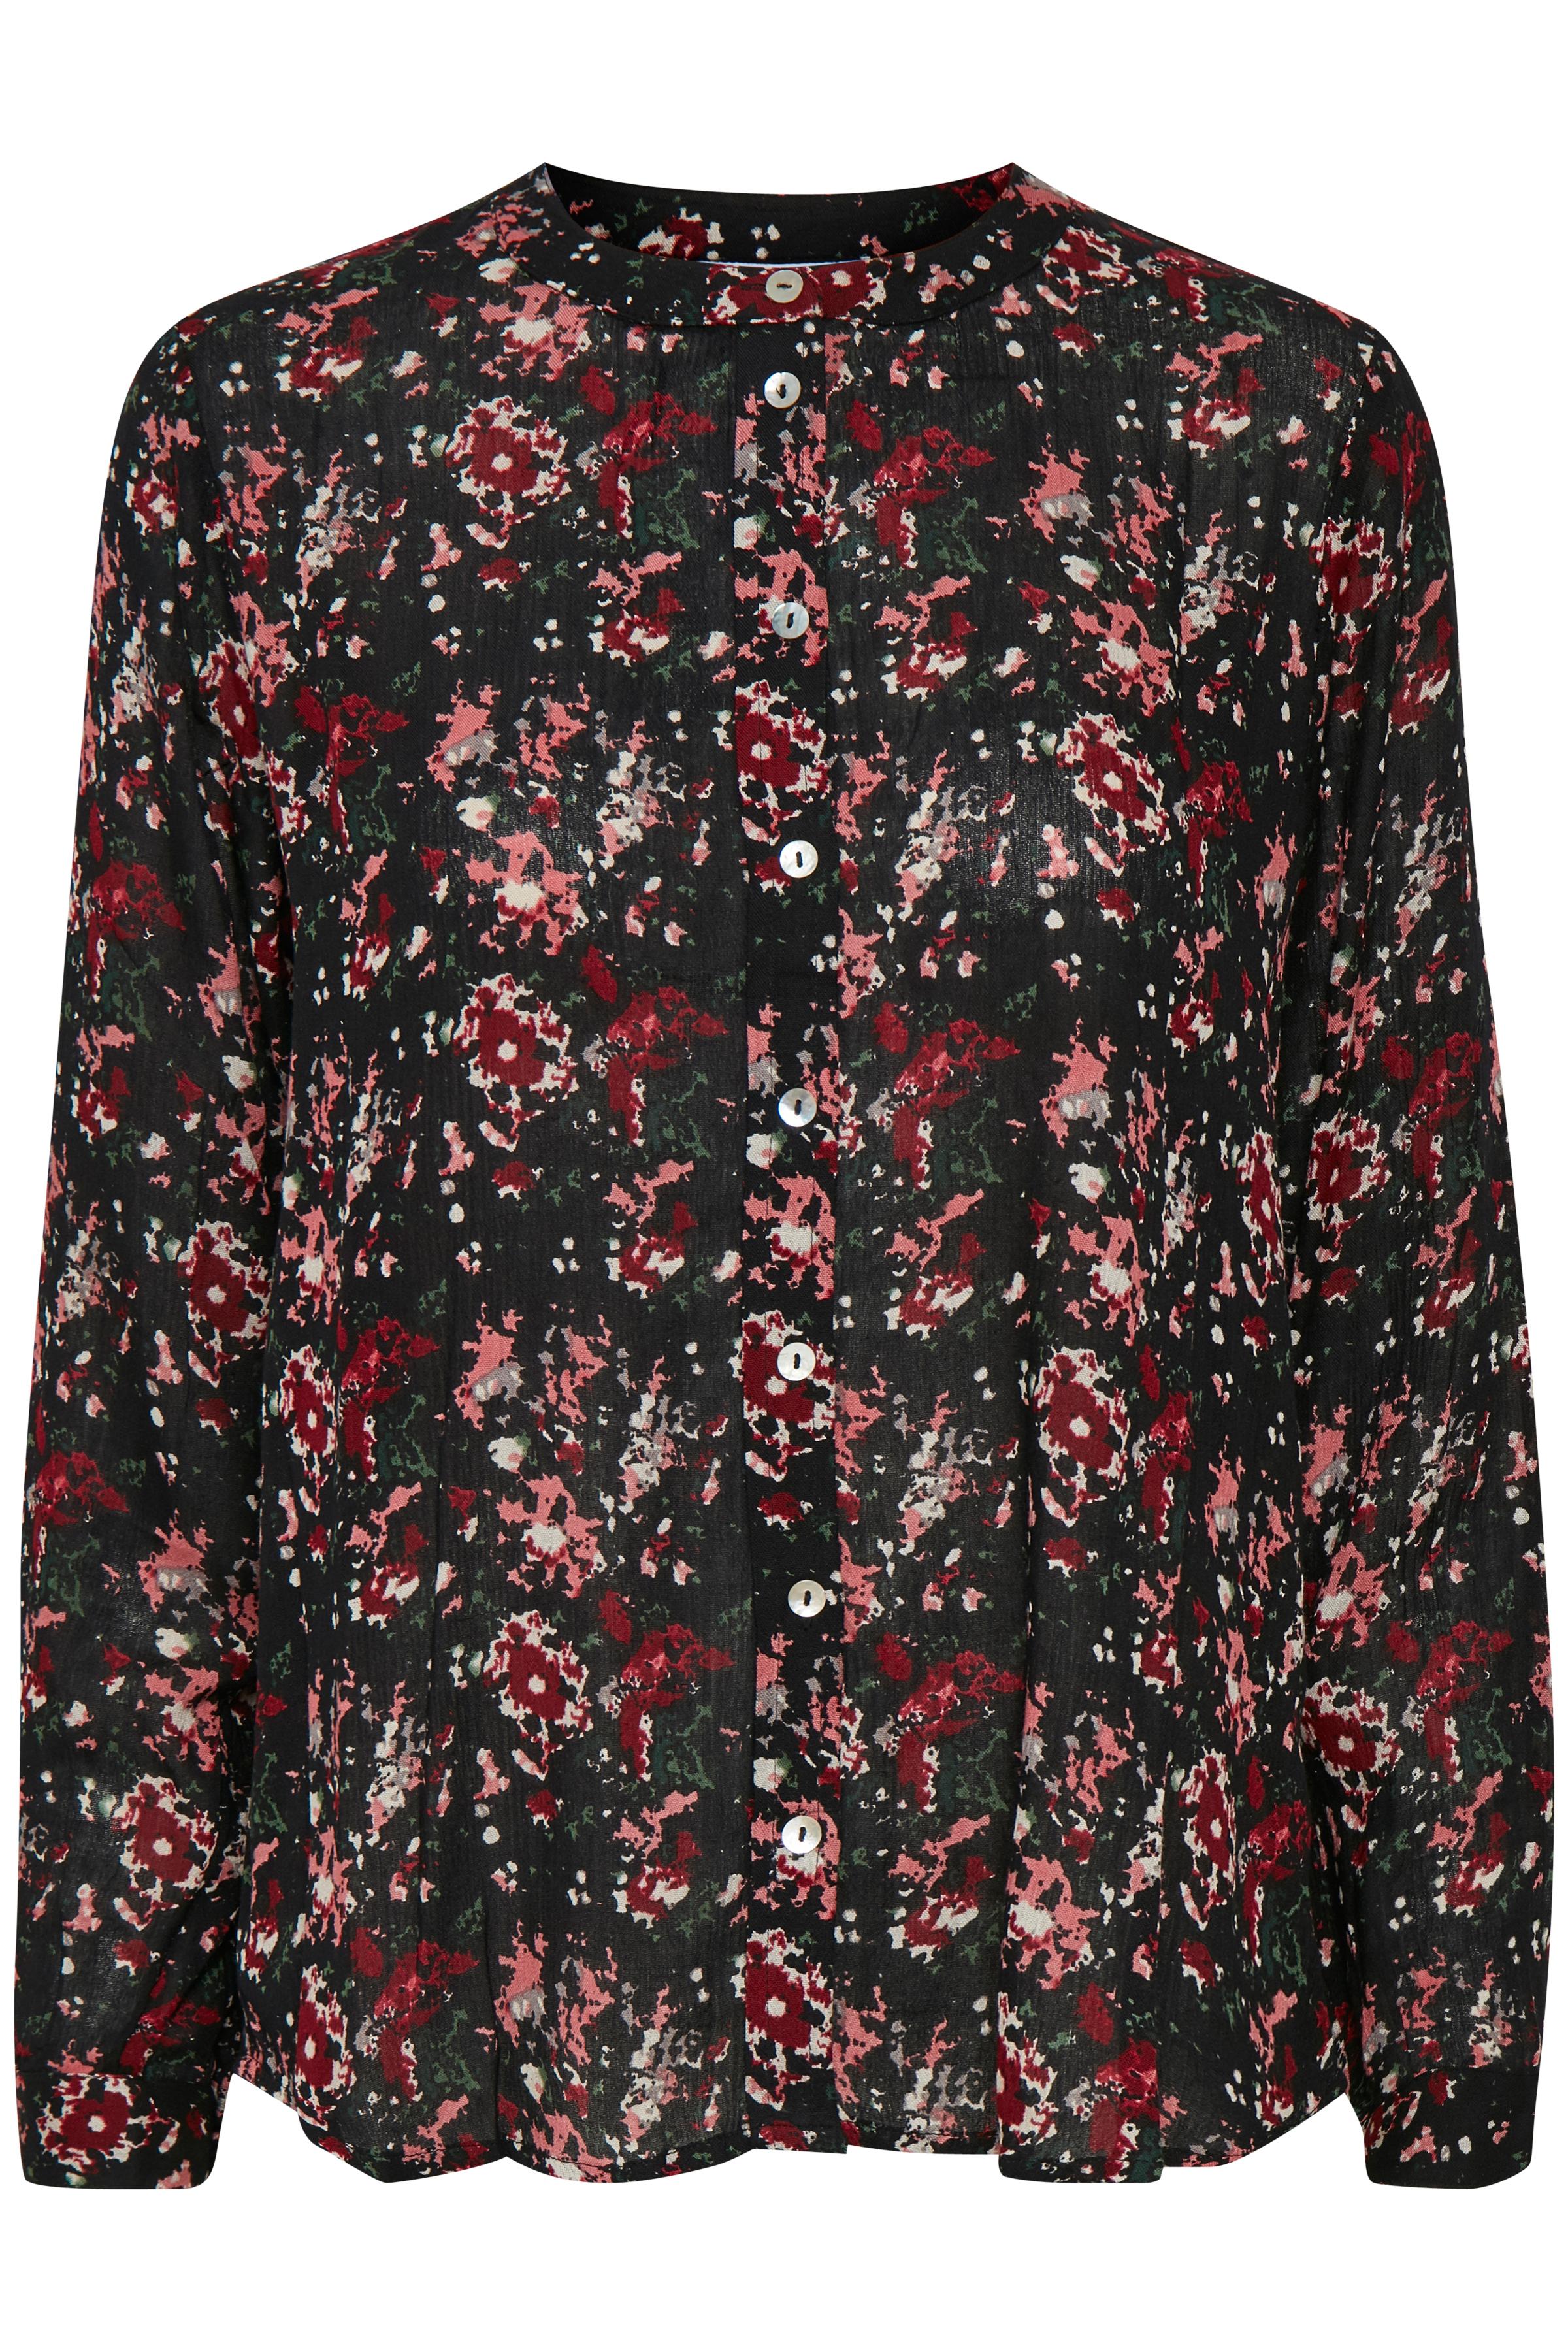 Sort/rød Langærmet skjorte fra Kaffe – Køb Sort/rød Langærmet skjorte fra str. 34-46 her